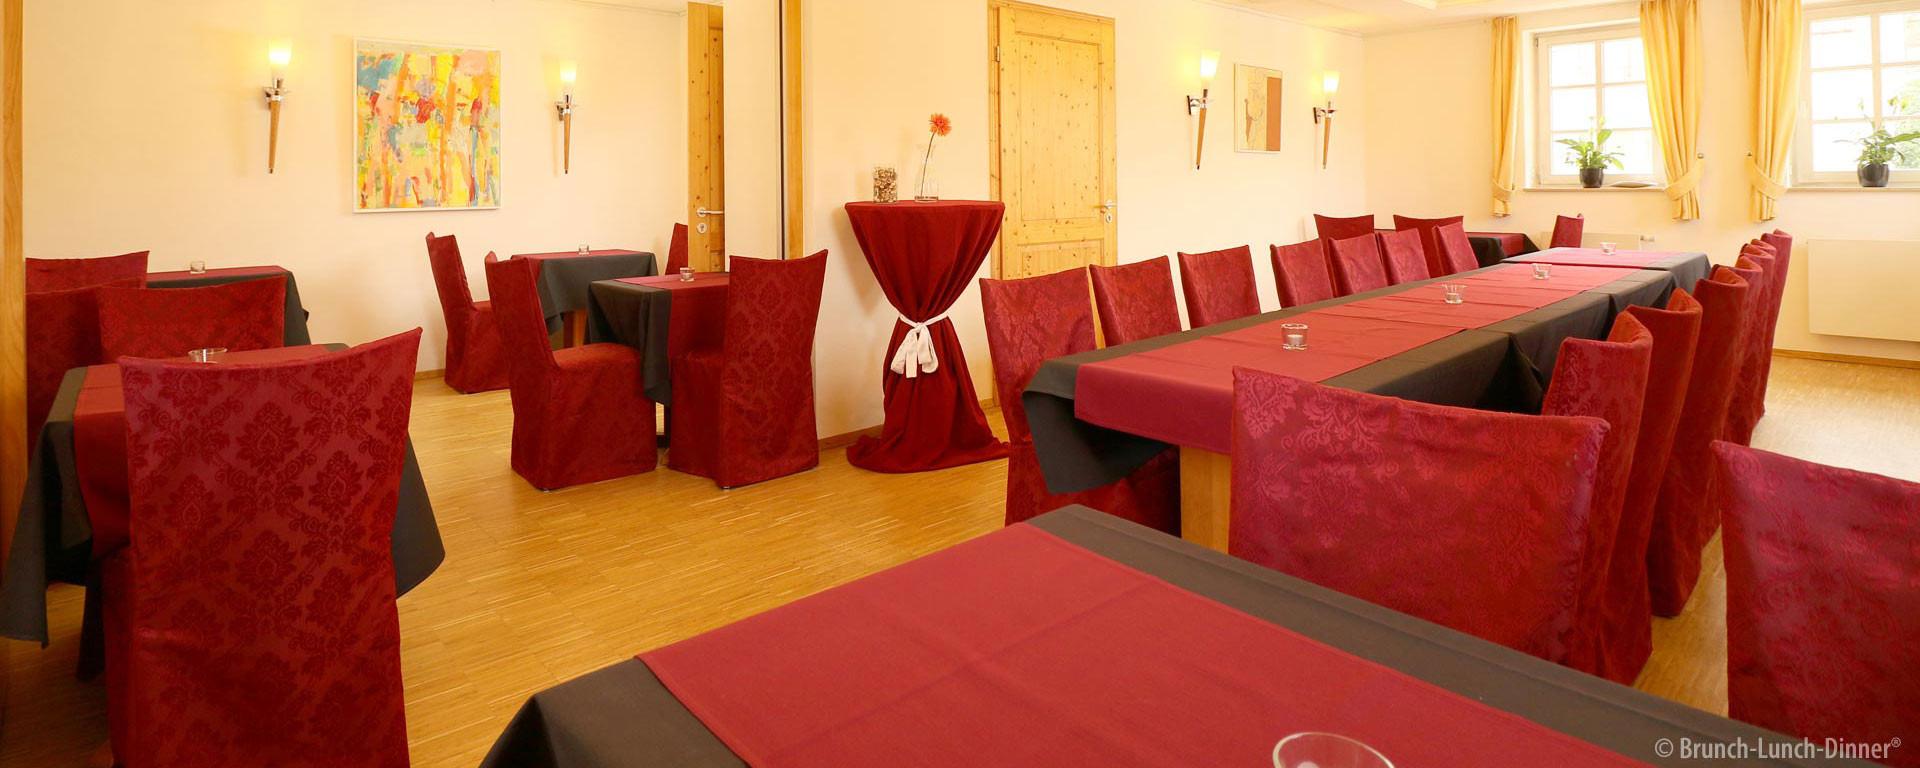 Ambiente und Genuss: Nebenraum für ca. 25 - 30 Personen für private Feiern, Besprechungen, Meetings, Geschäftsessen und Präsentationen